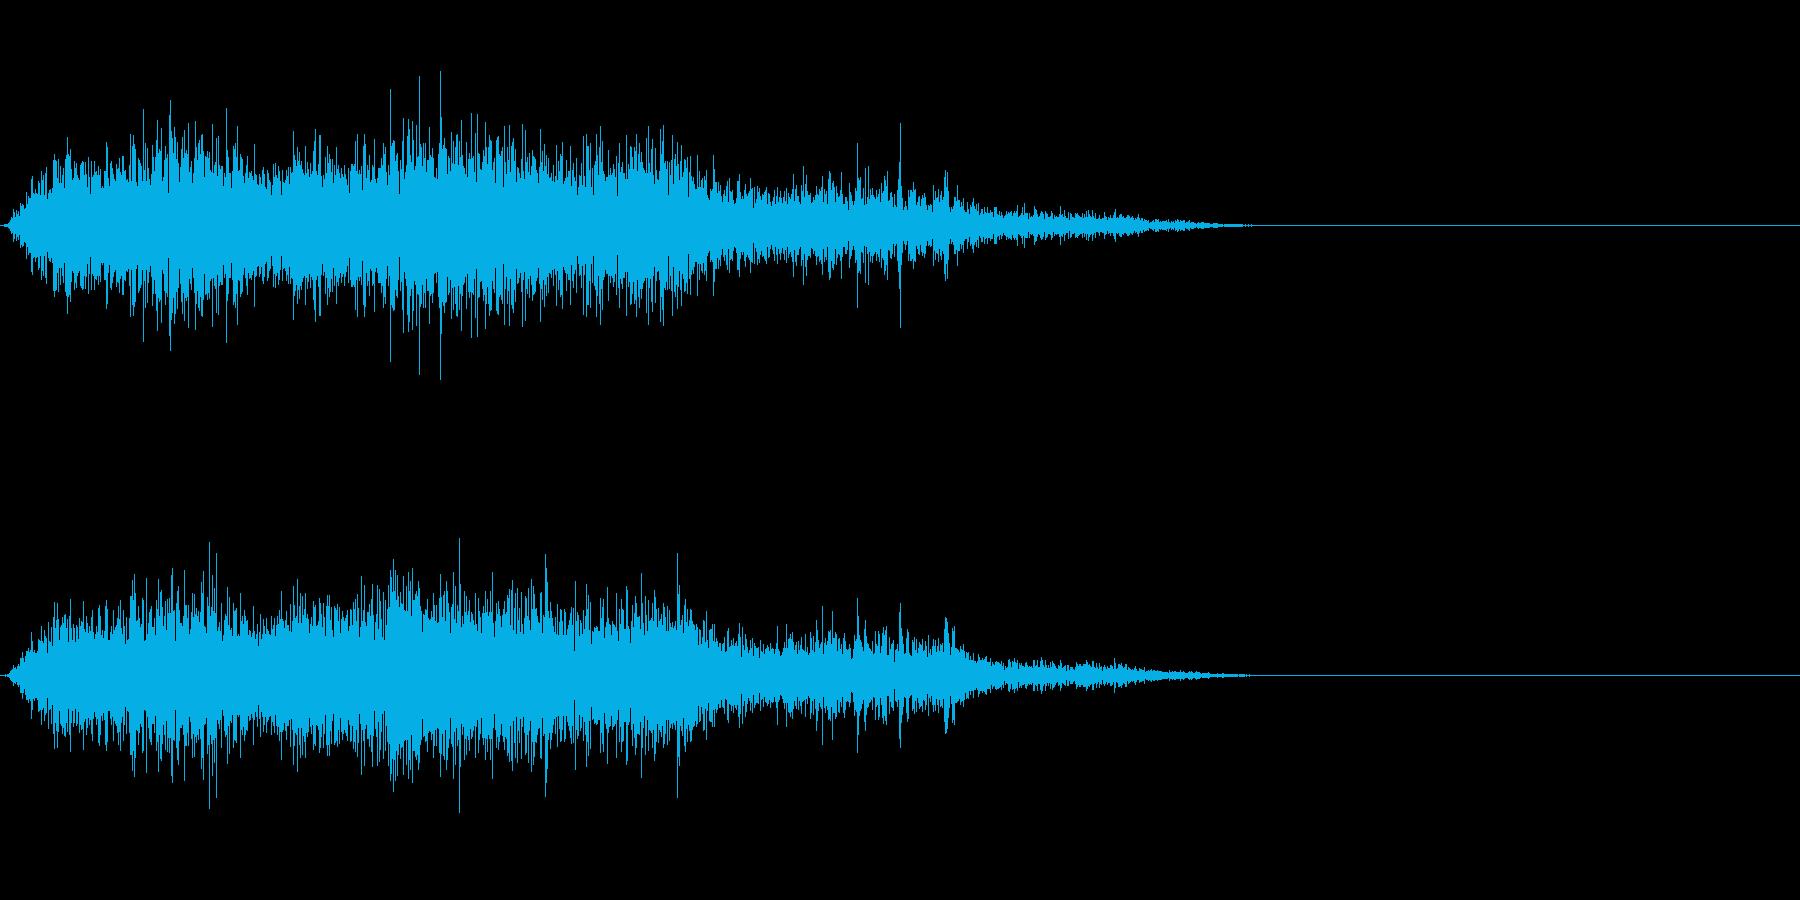 モンスター/獣/ゾンビ等の鳴き声!02Bの再生済みの波形